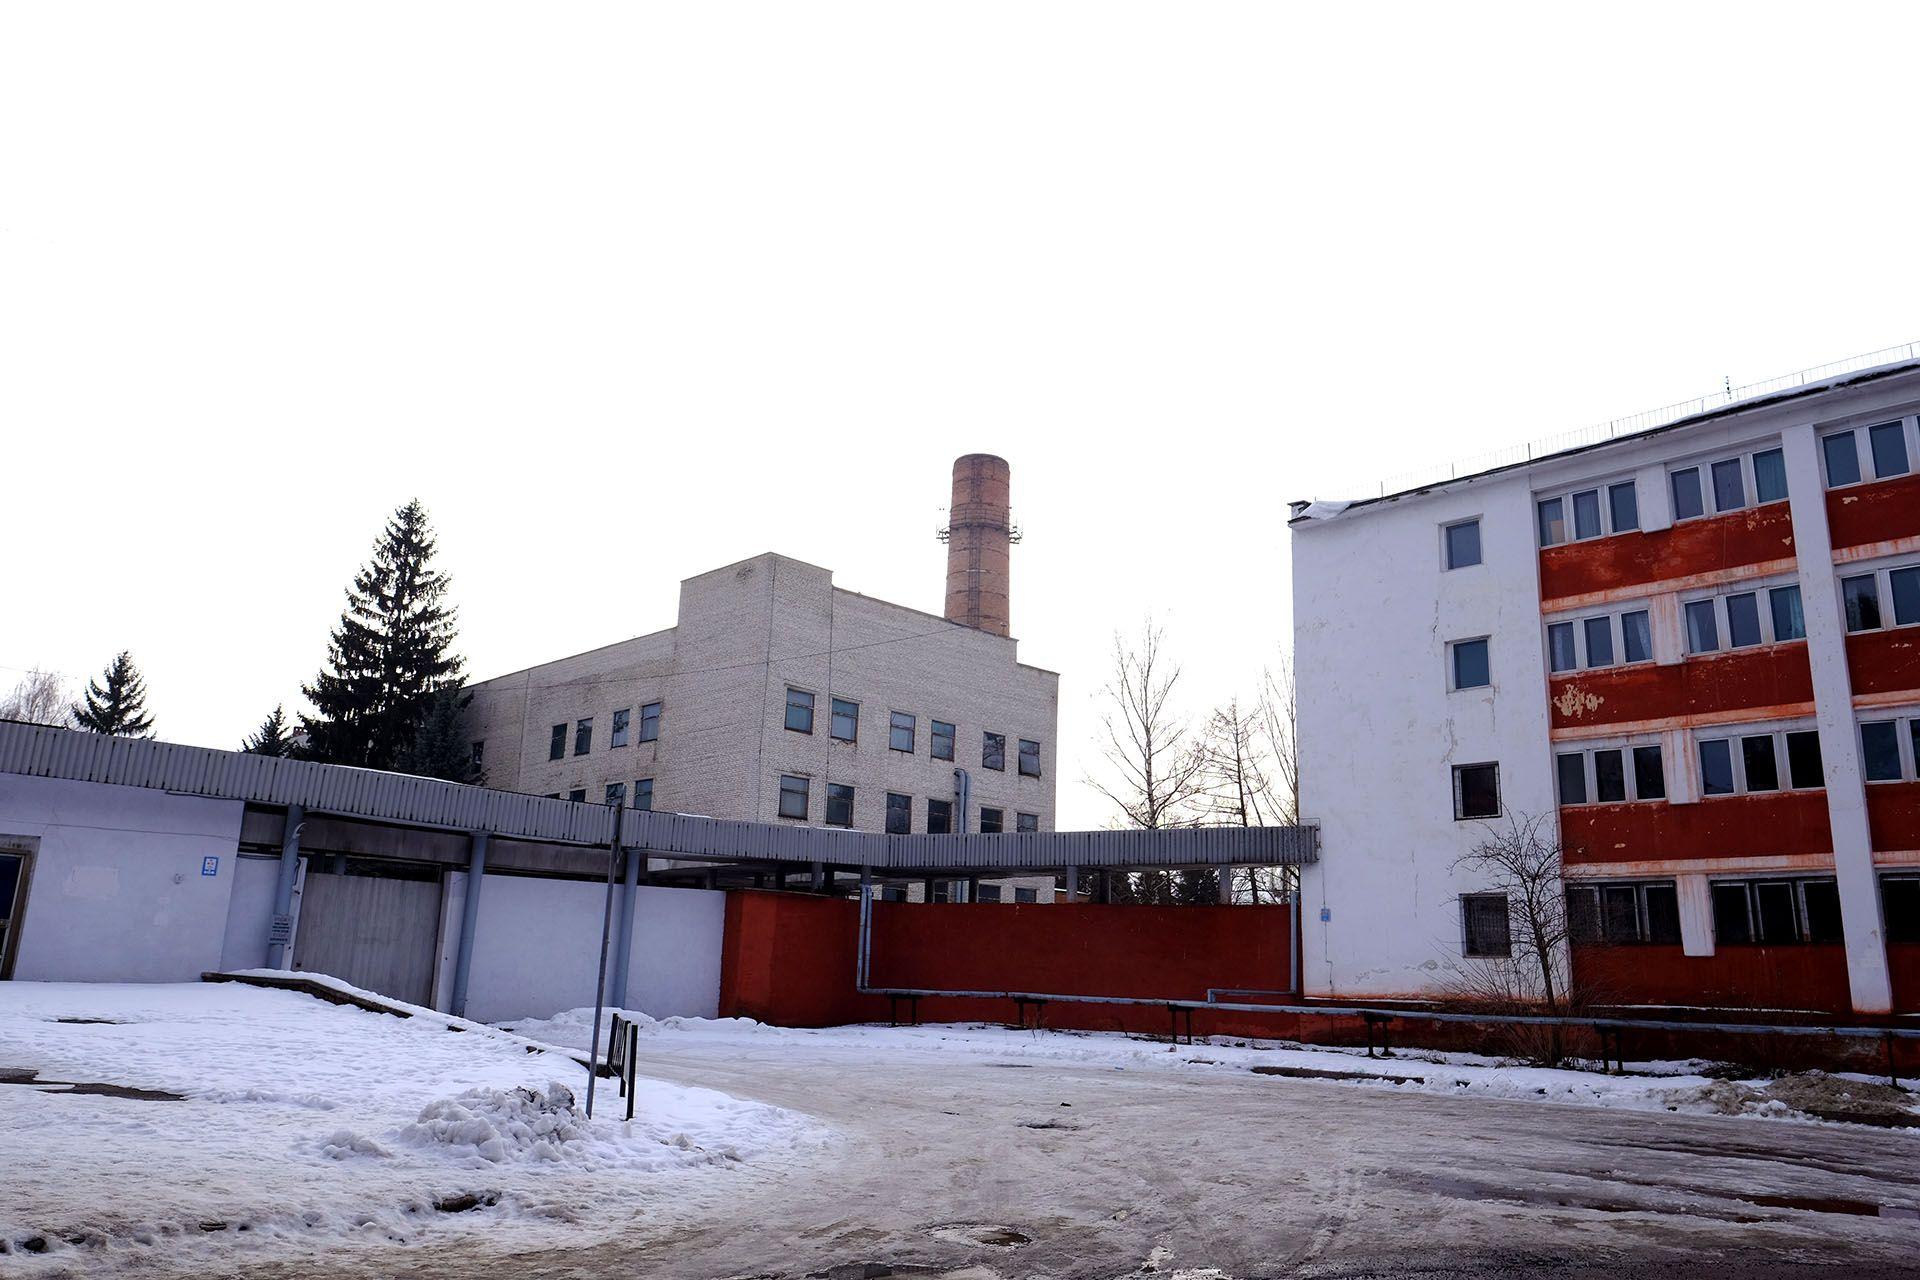 Будинок, покритий снігом перед будівлею